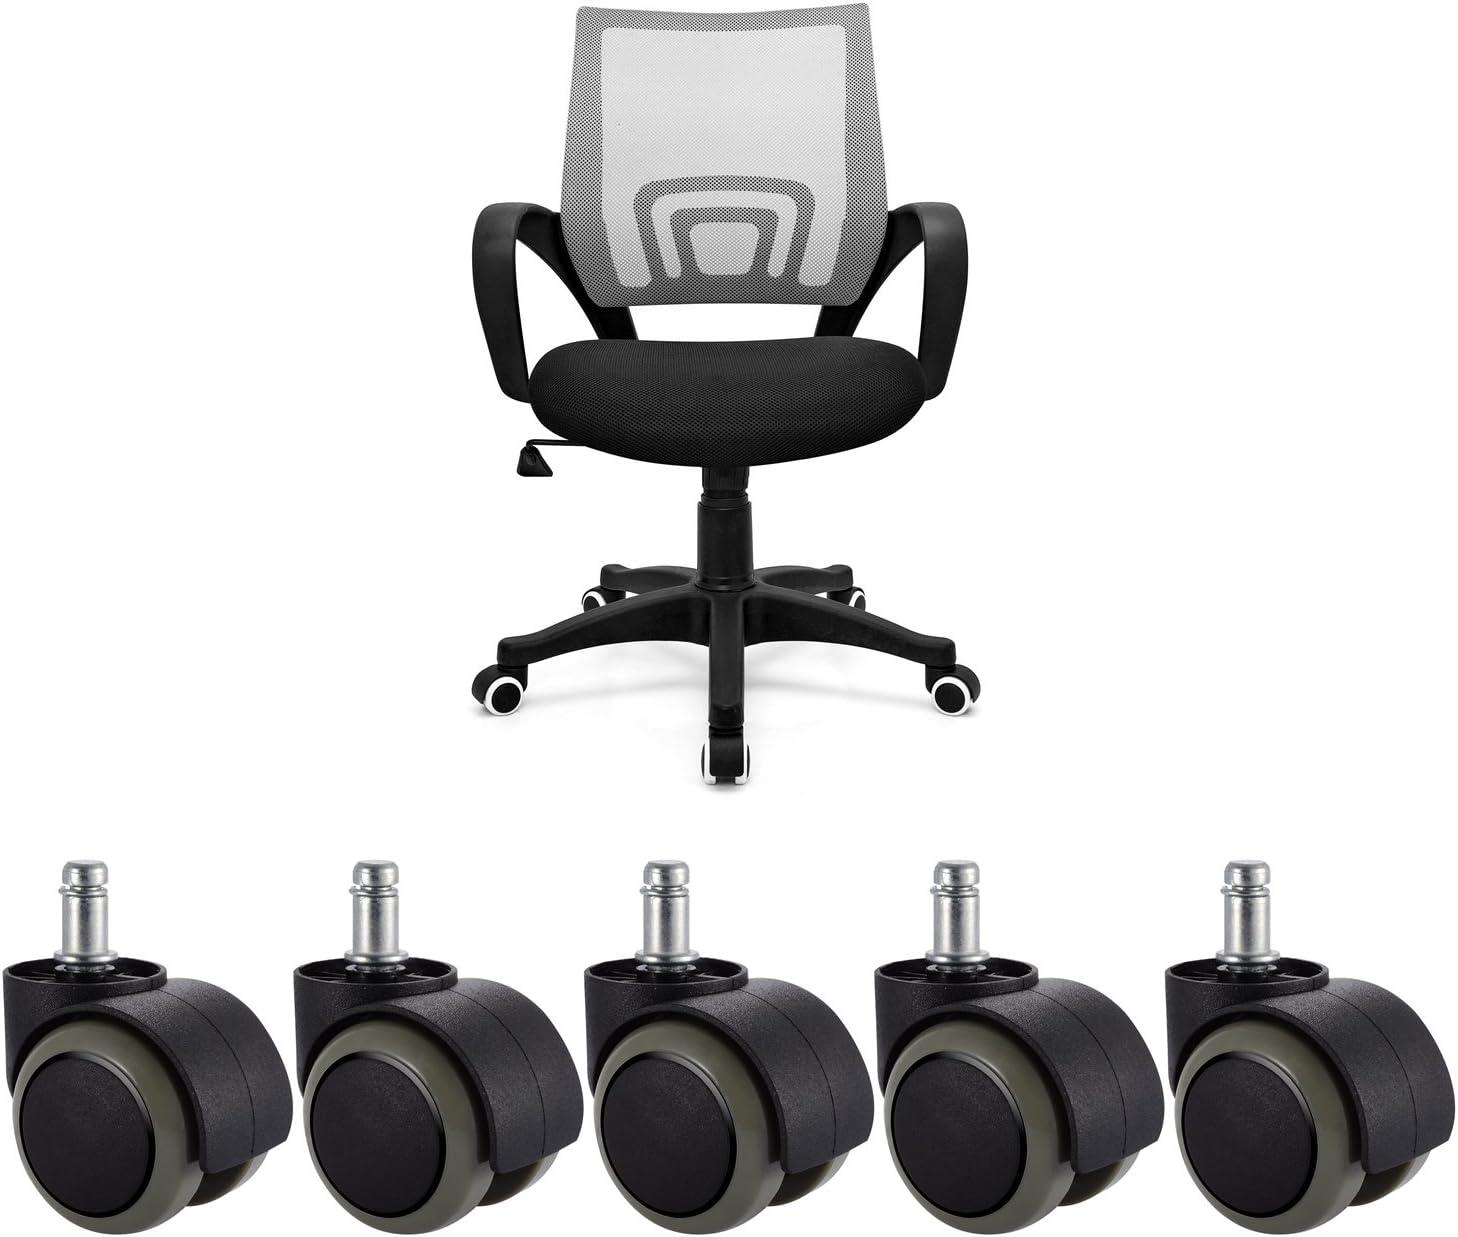 ,Supportando Fino a 250kg Z/·Bling Ruote Sedie da Ufficio per Parquet,Universale Standard 11mm x 22mm 7//16 X 7//8